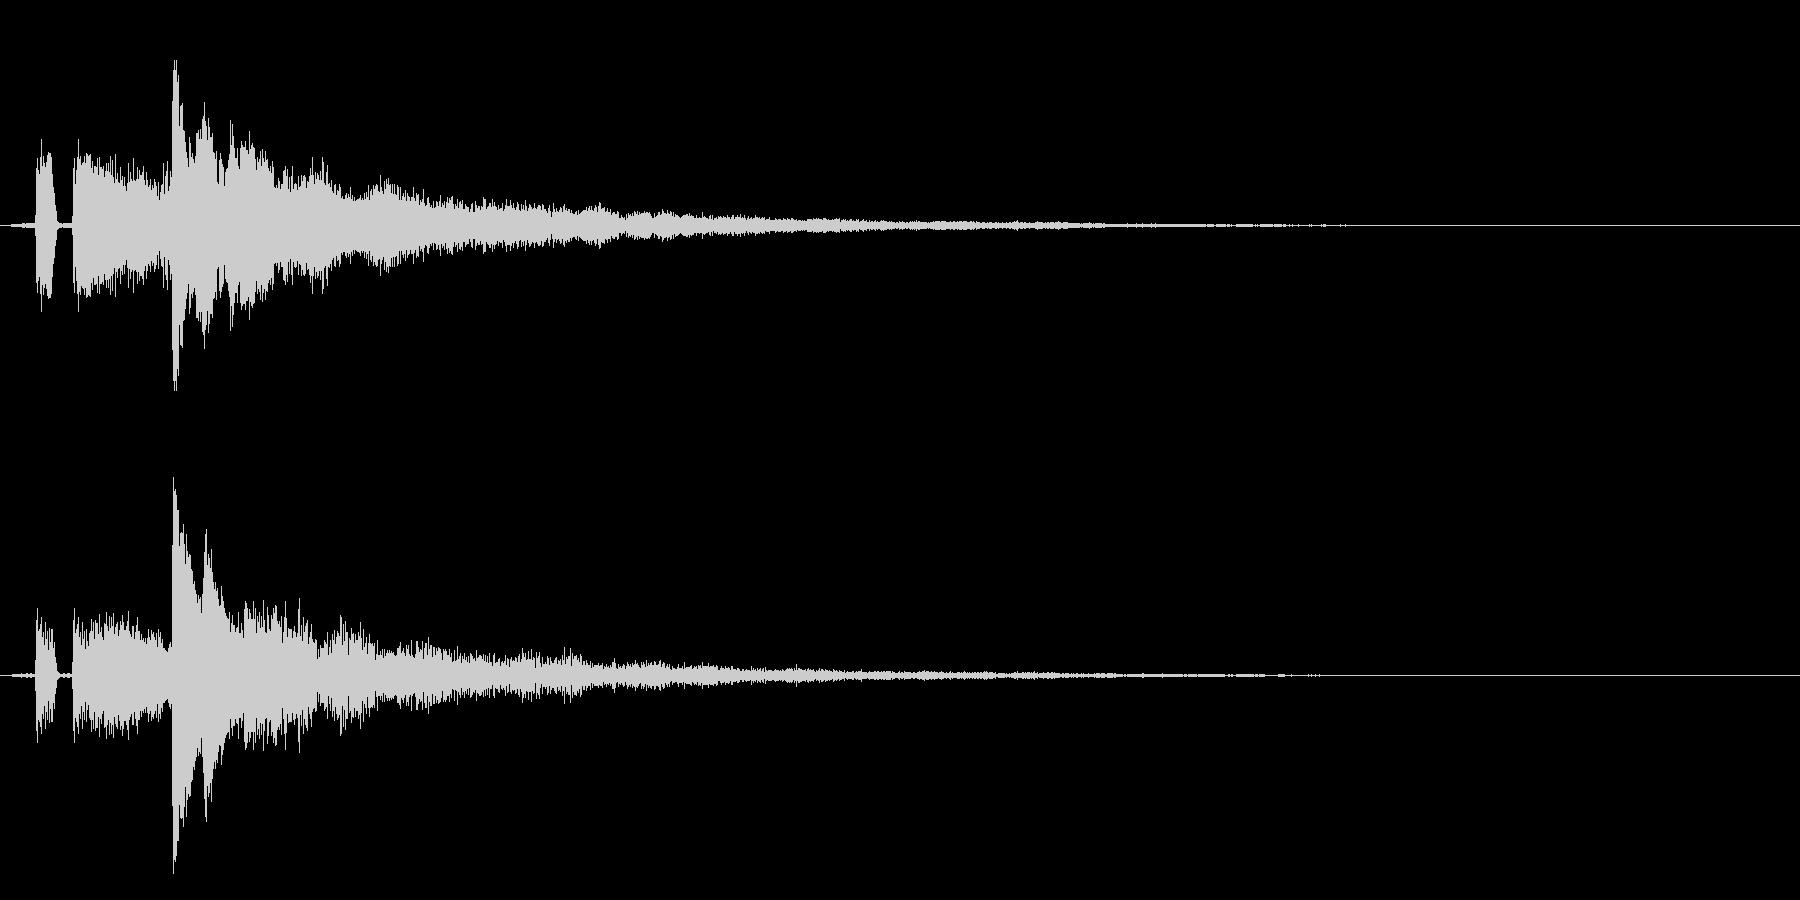 シンプルな決定/ボタン/クリック効果音4の未再生の波形